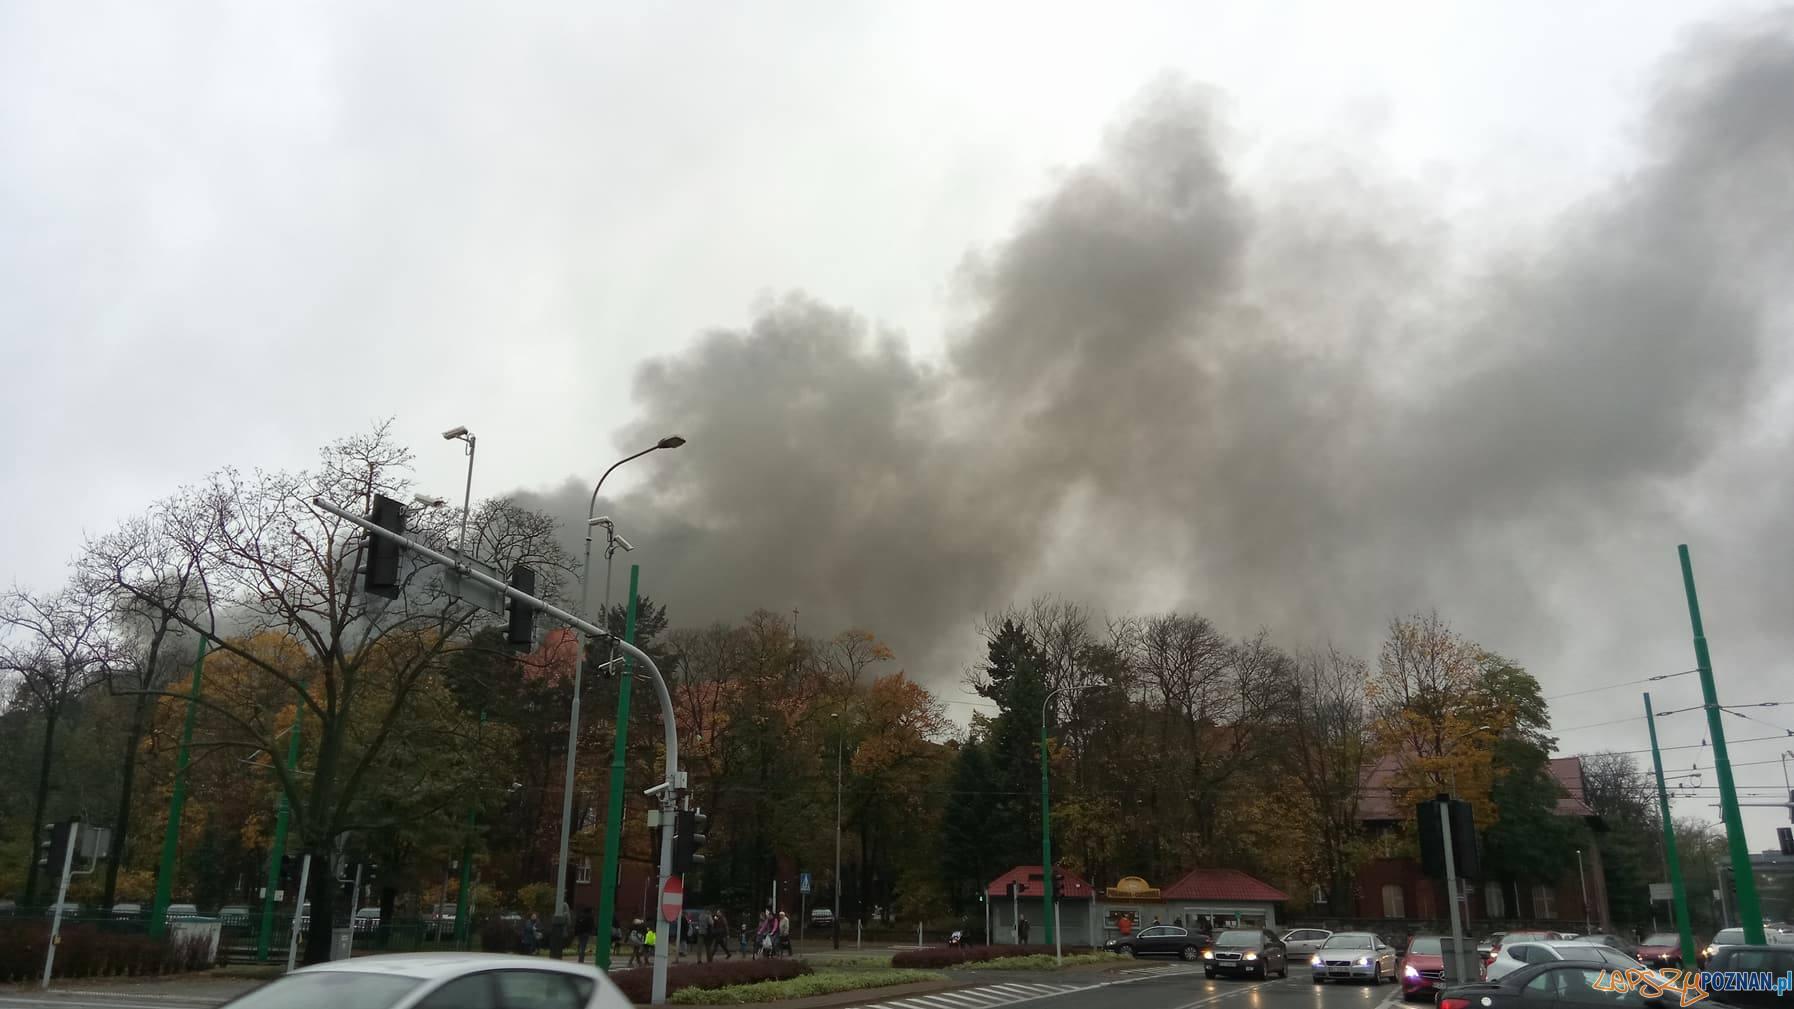 Pożar na Grunwaldzie - Poznań 25.10.2017 r.  Foto: Piotr